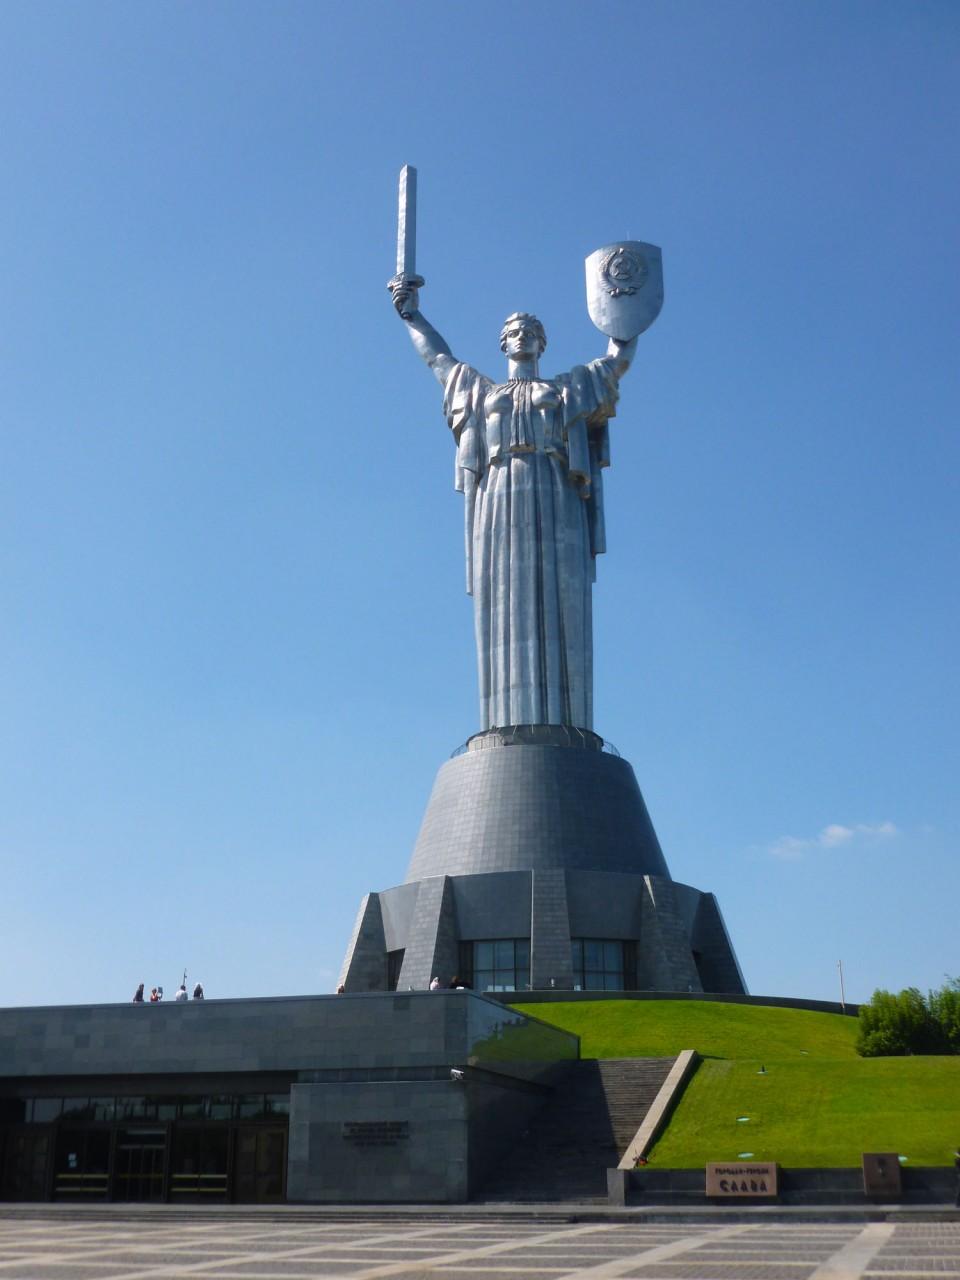 Киев. Ветераны Великой Отечественной войны оскорблены и протестуют